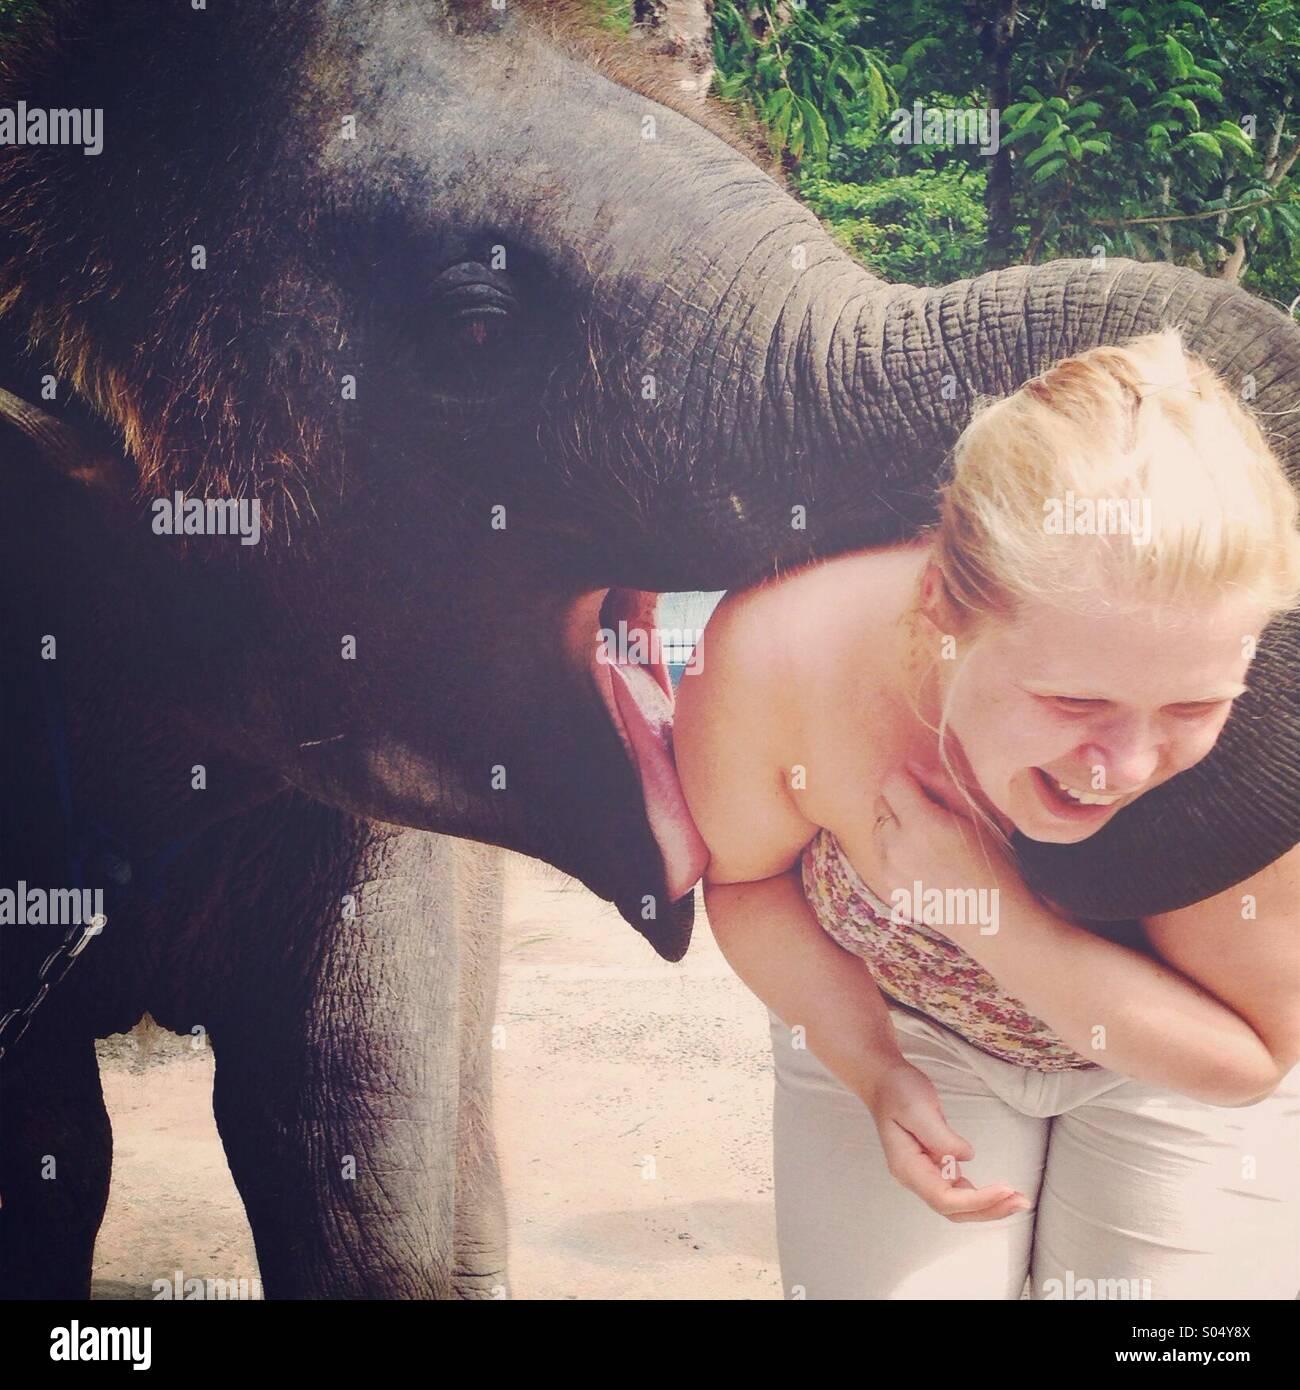 Donna baciato da un elefante Foto Stock